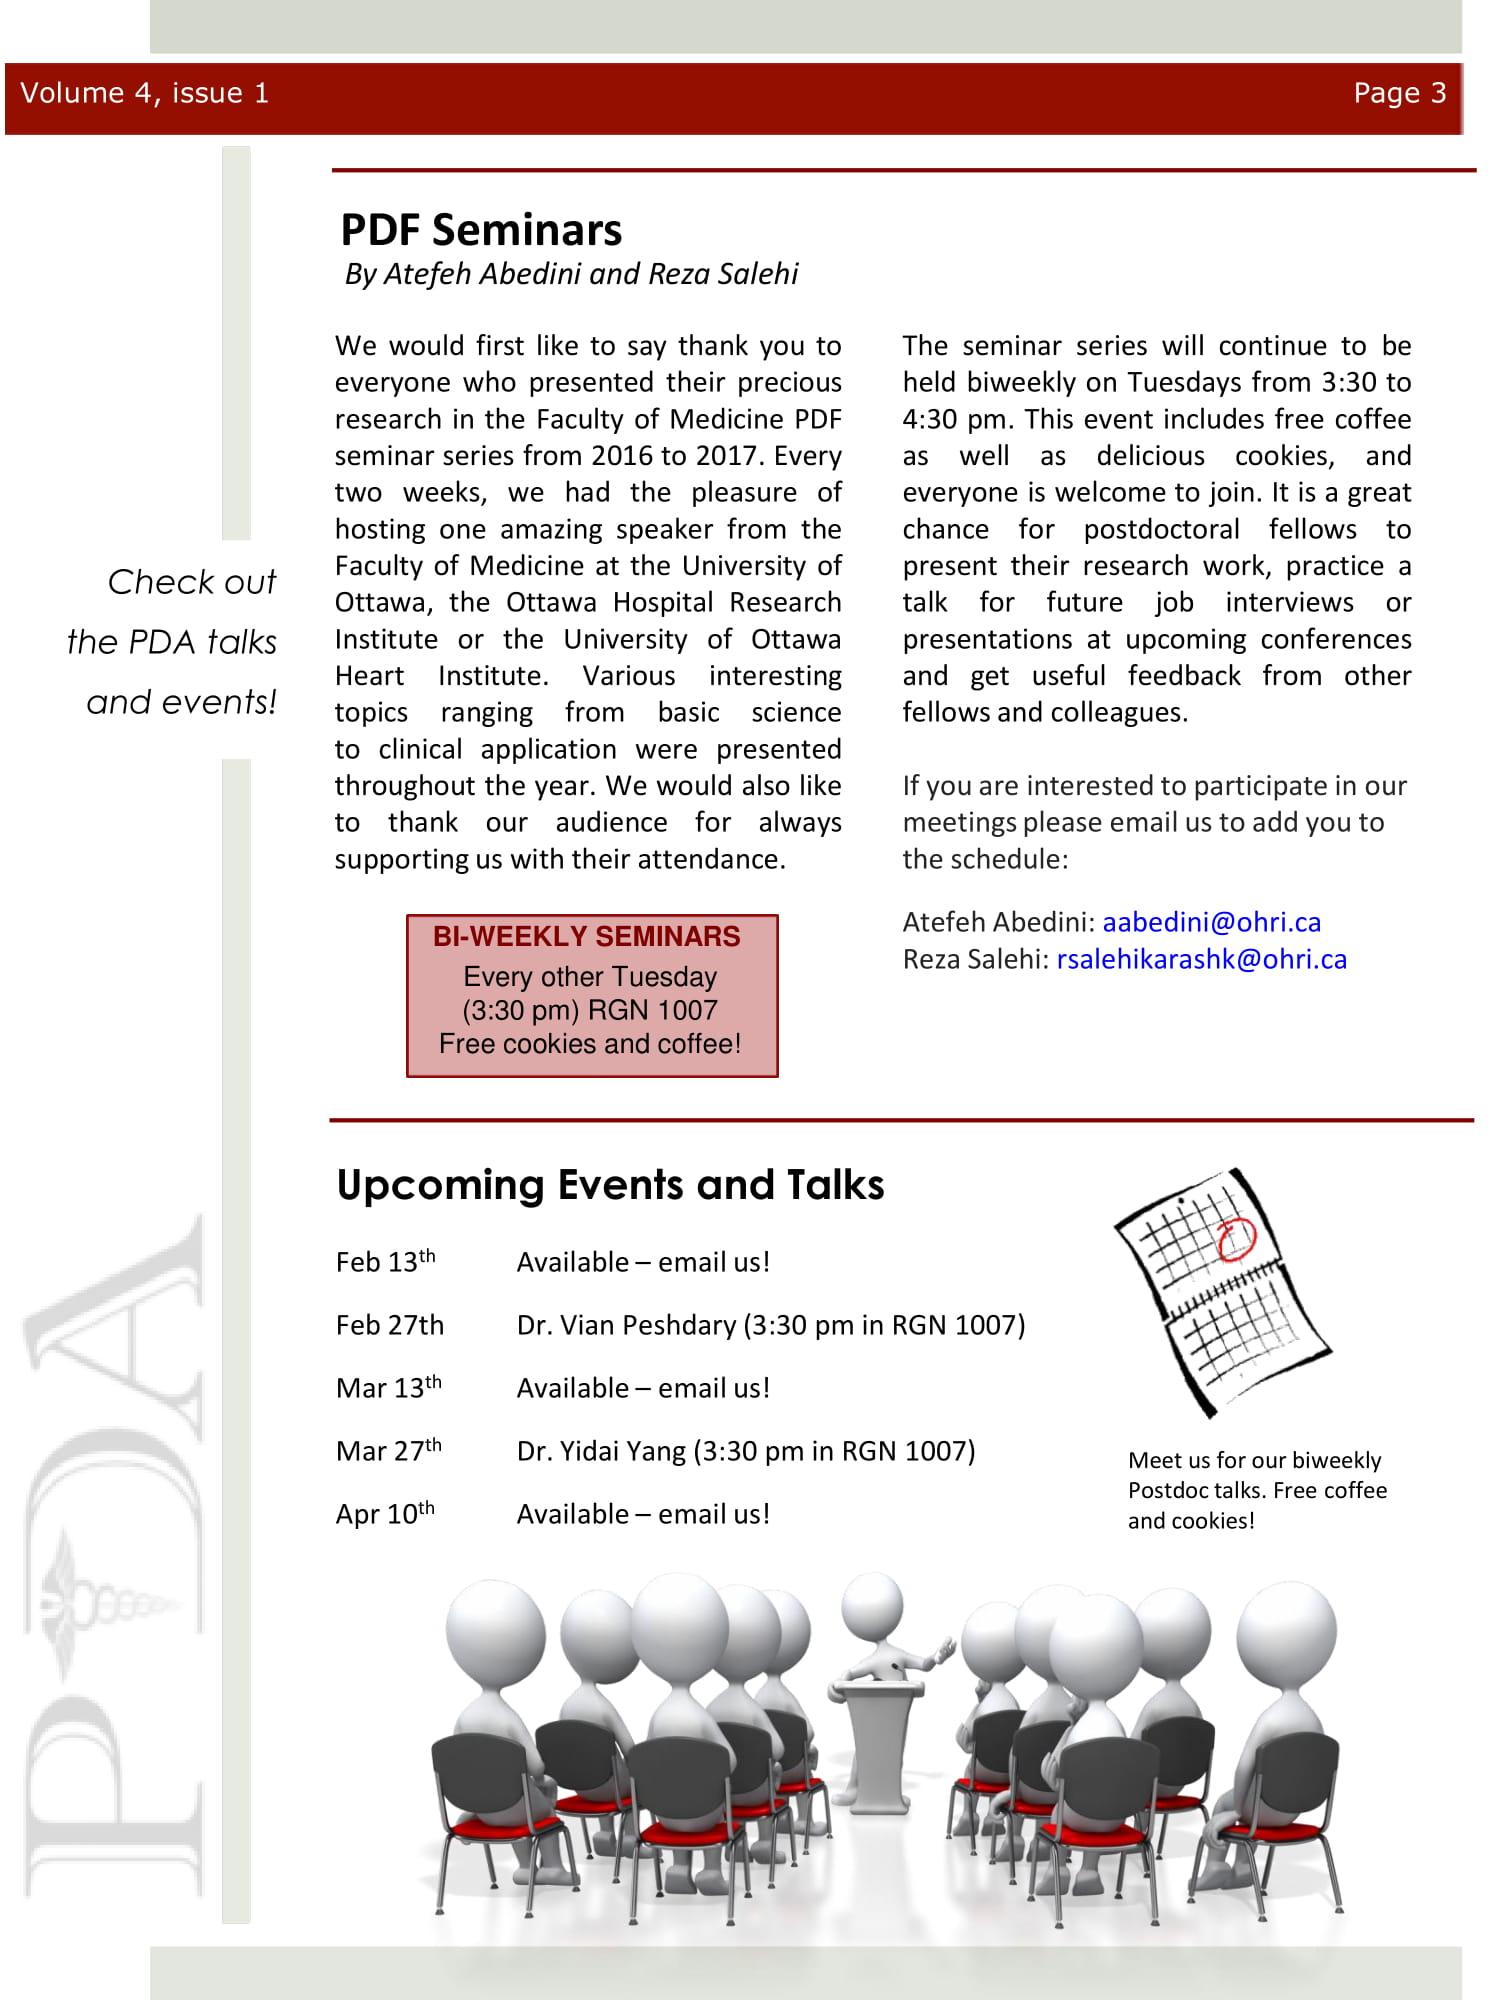 PDA_Newsletter_Volume_4_Issue_1-3.jpg